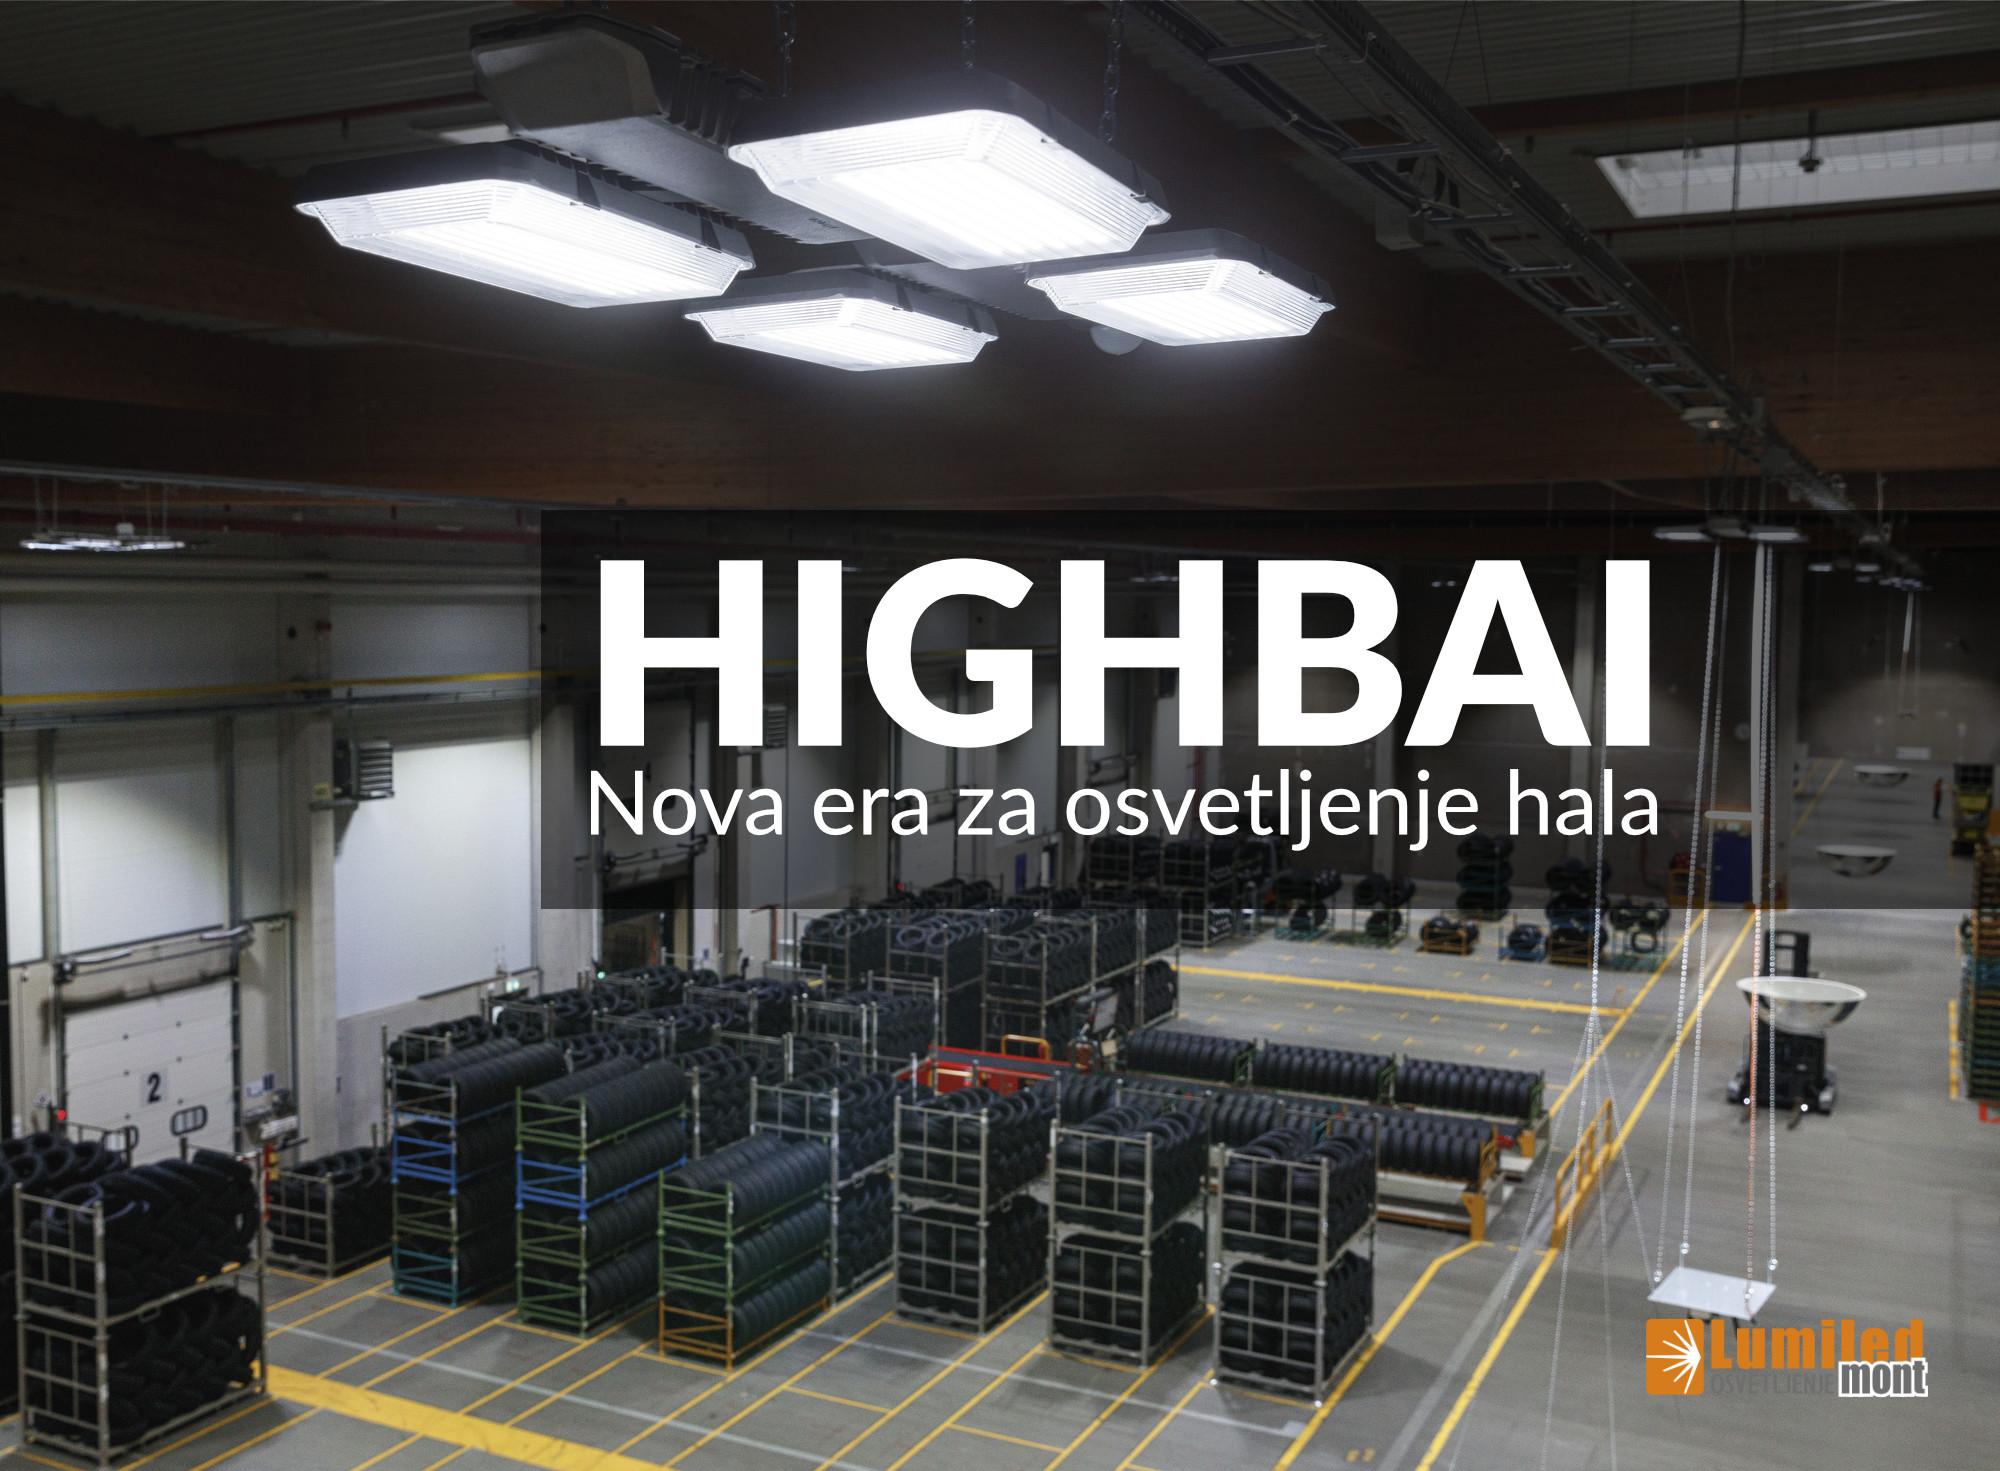 Highbai 11 - Nova era za osvetljenje proizvodnih hala